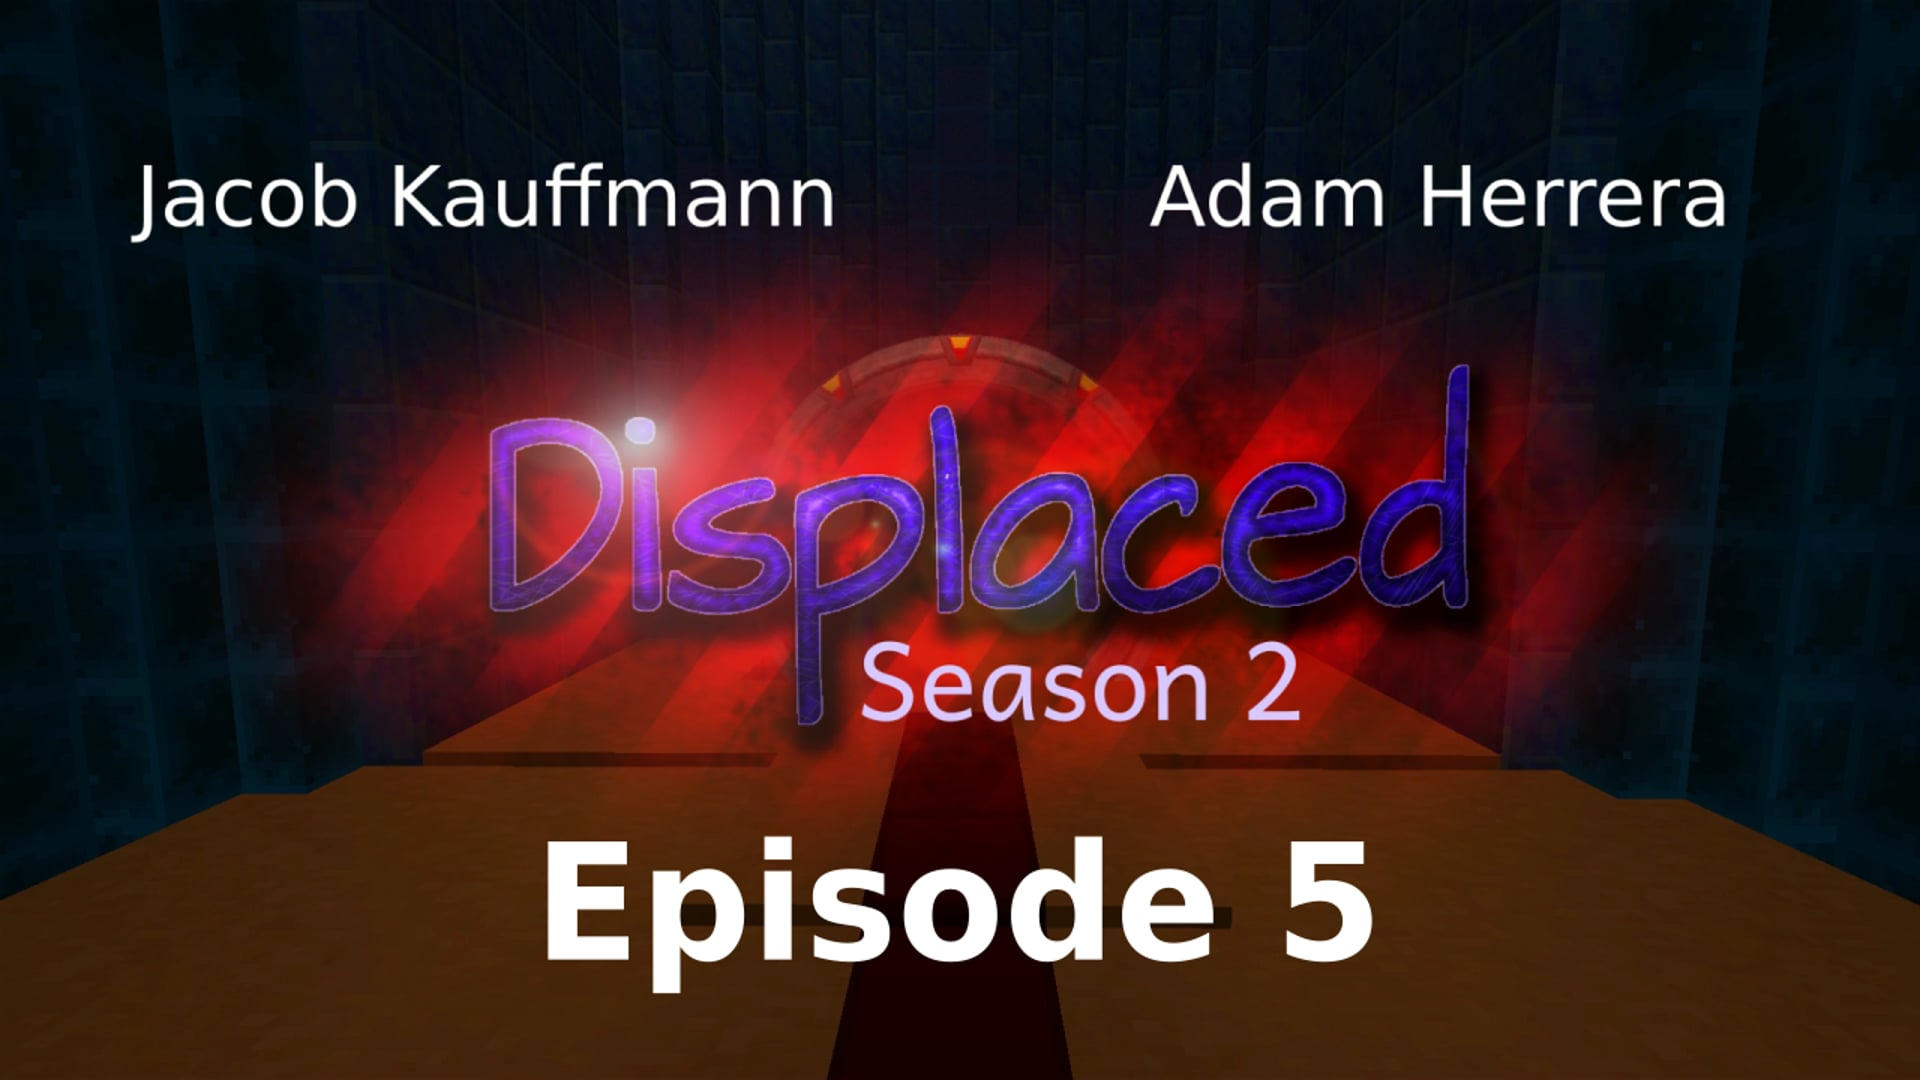 Episode 5 - Displaced: Season 2